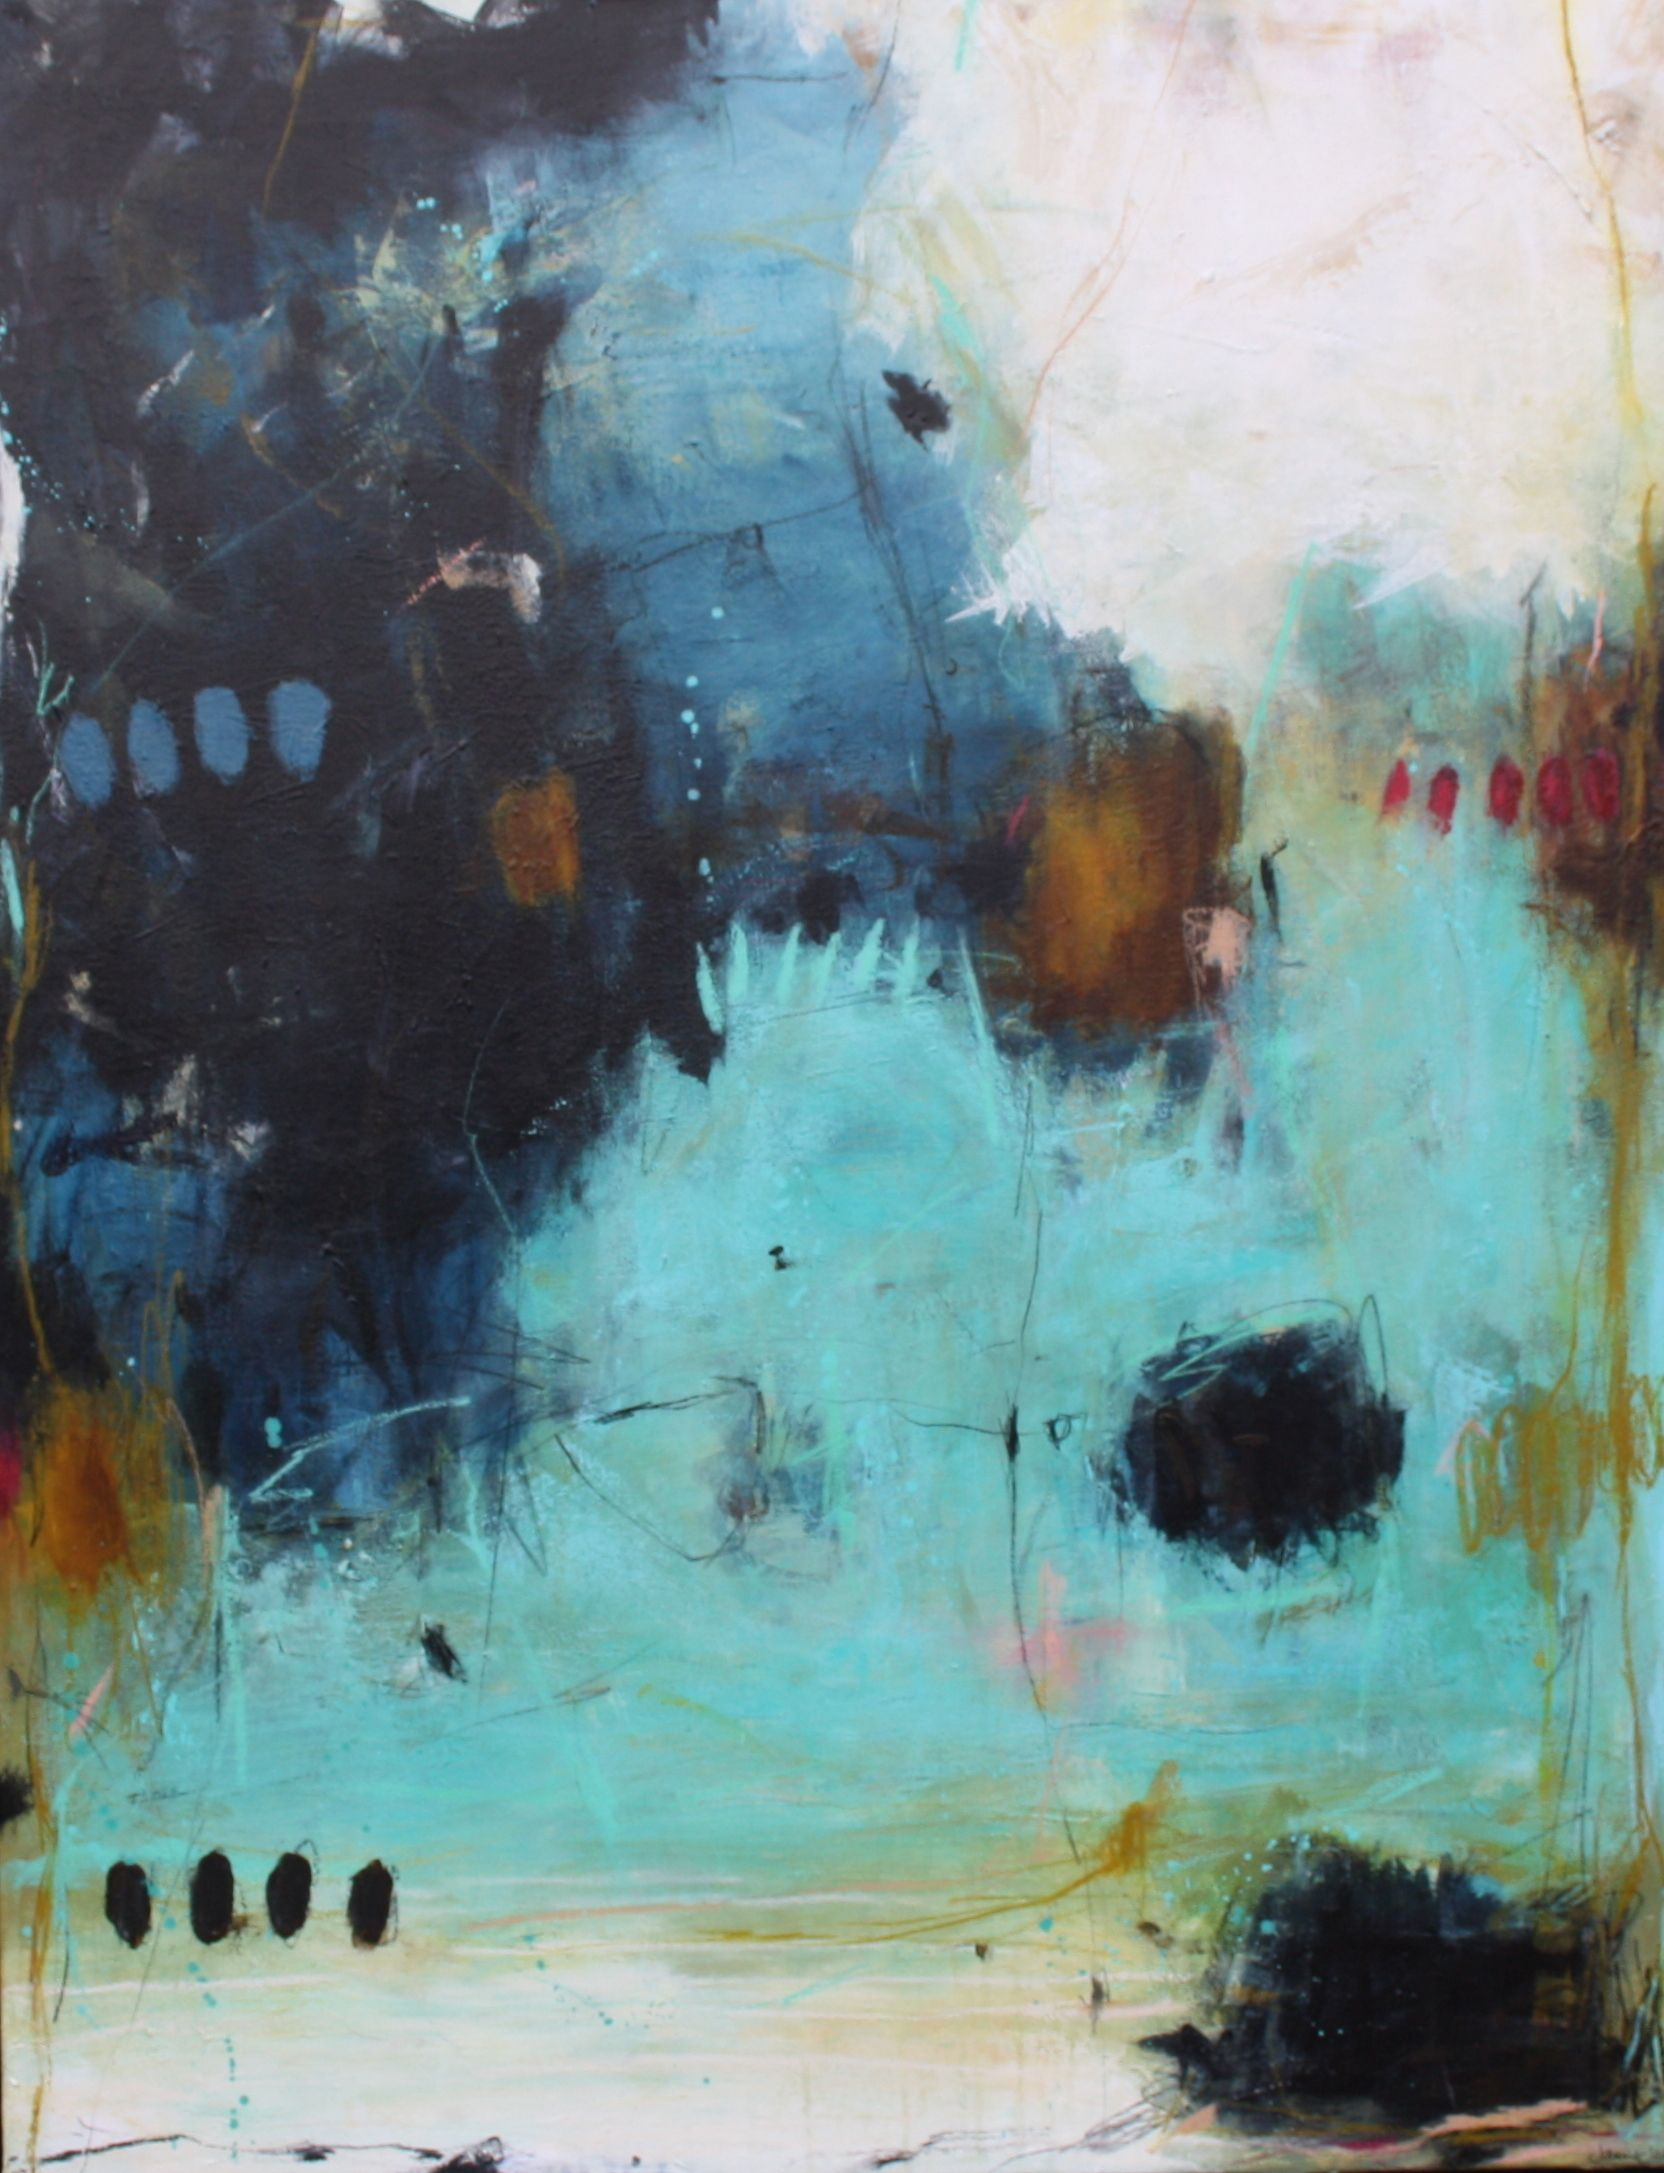 Pin Af Molly Happe Pa Abstract Landscapes I 2019 Malerier Abstrakte Malerier Og Kunst